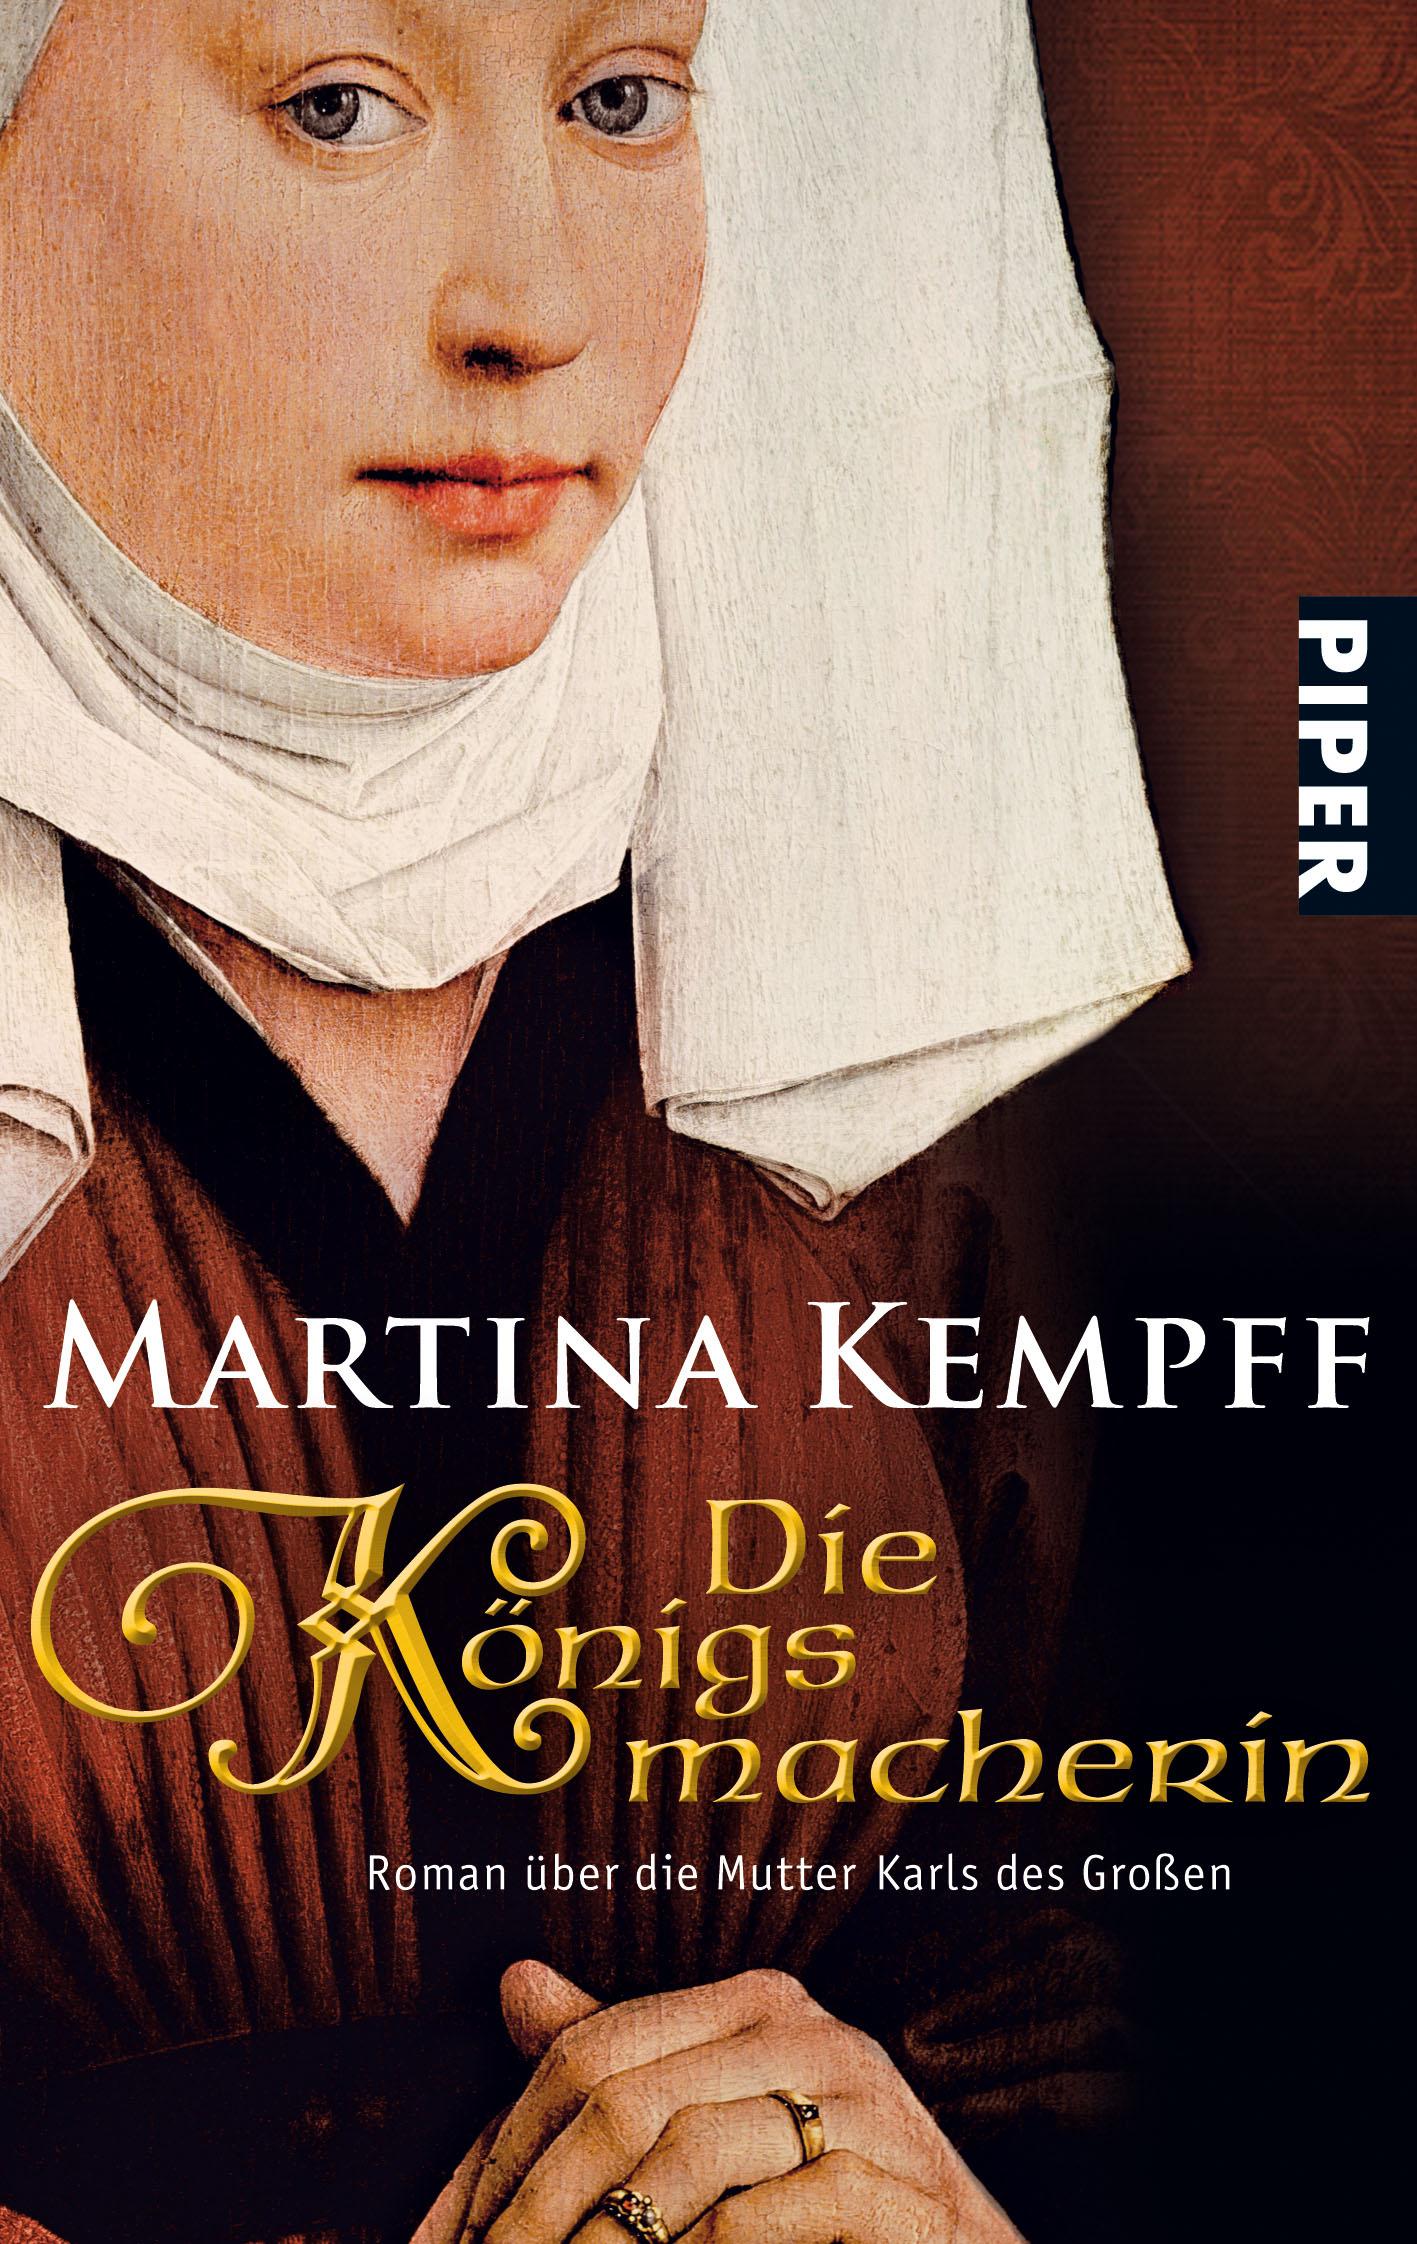 Die Königsmacherin: Roman über die Mutter Karls des Großen - Martina Kempff